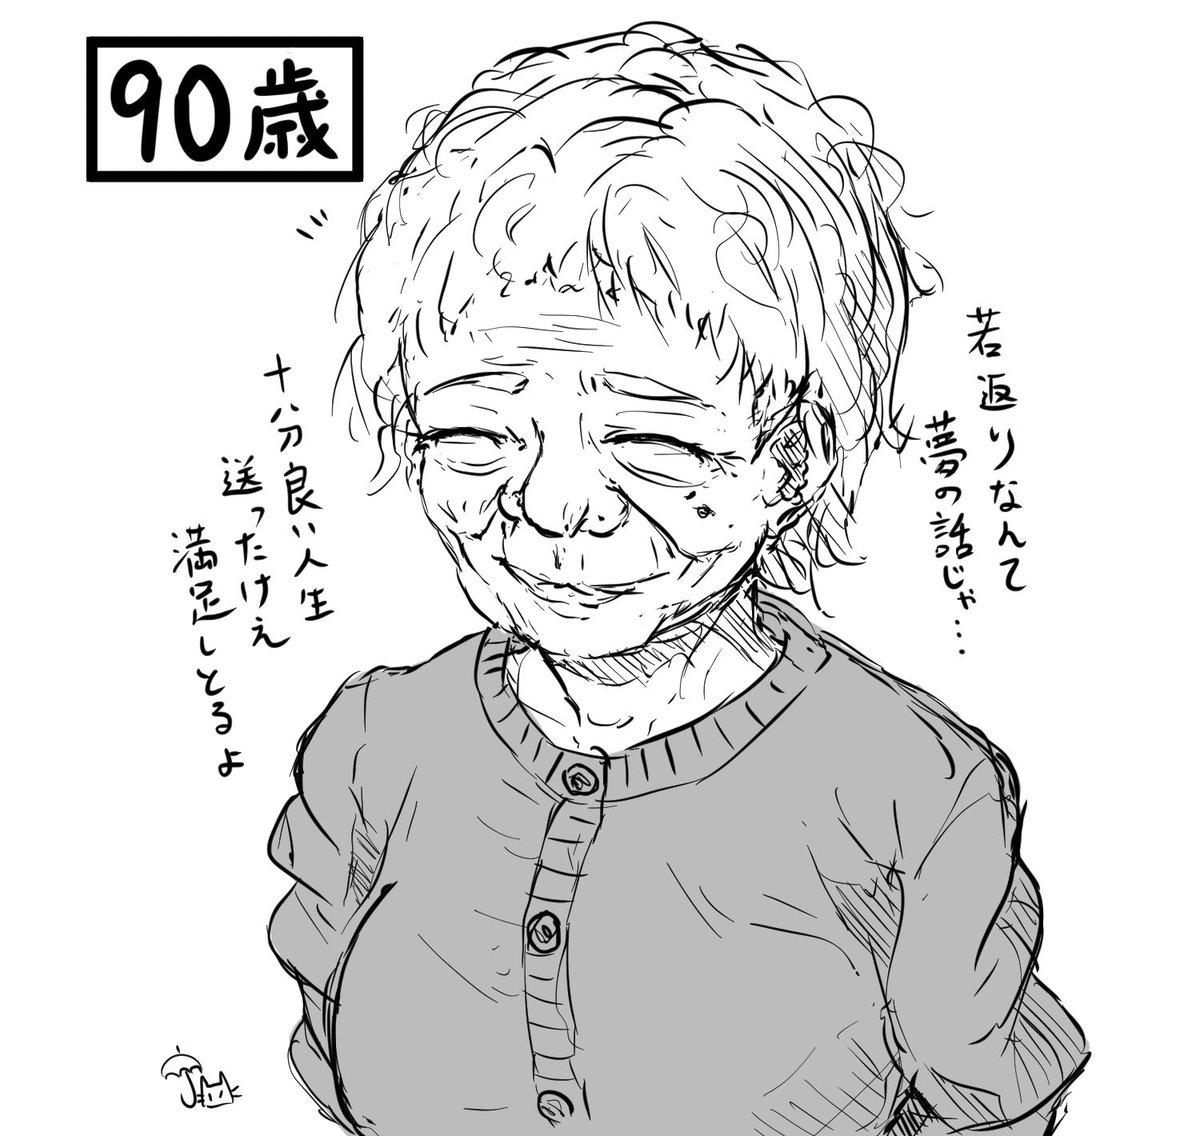 1いいねで1ヶ月ずつ若返るおばあちゃん(いいね数の締切は3/29 23:00)